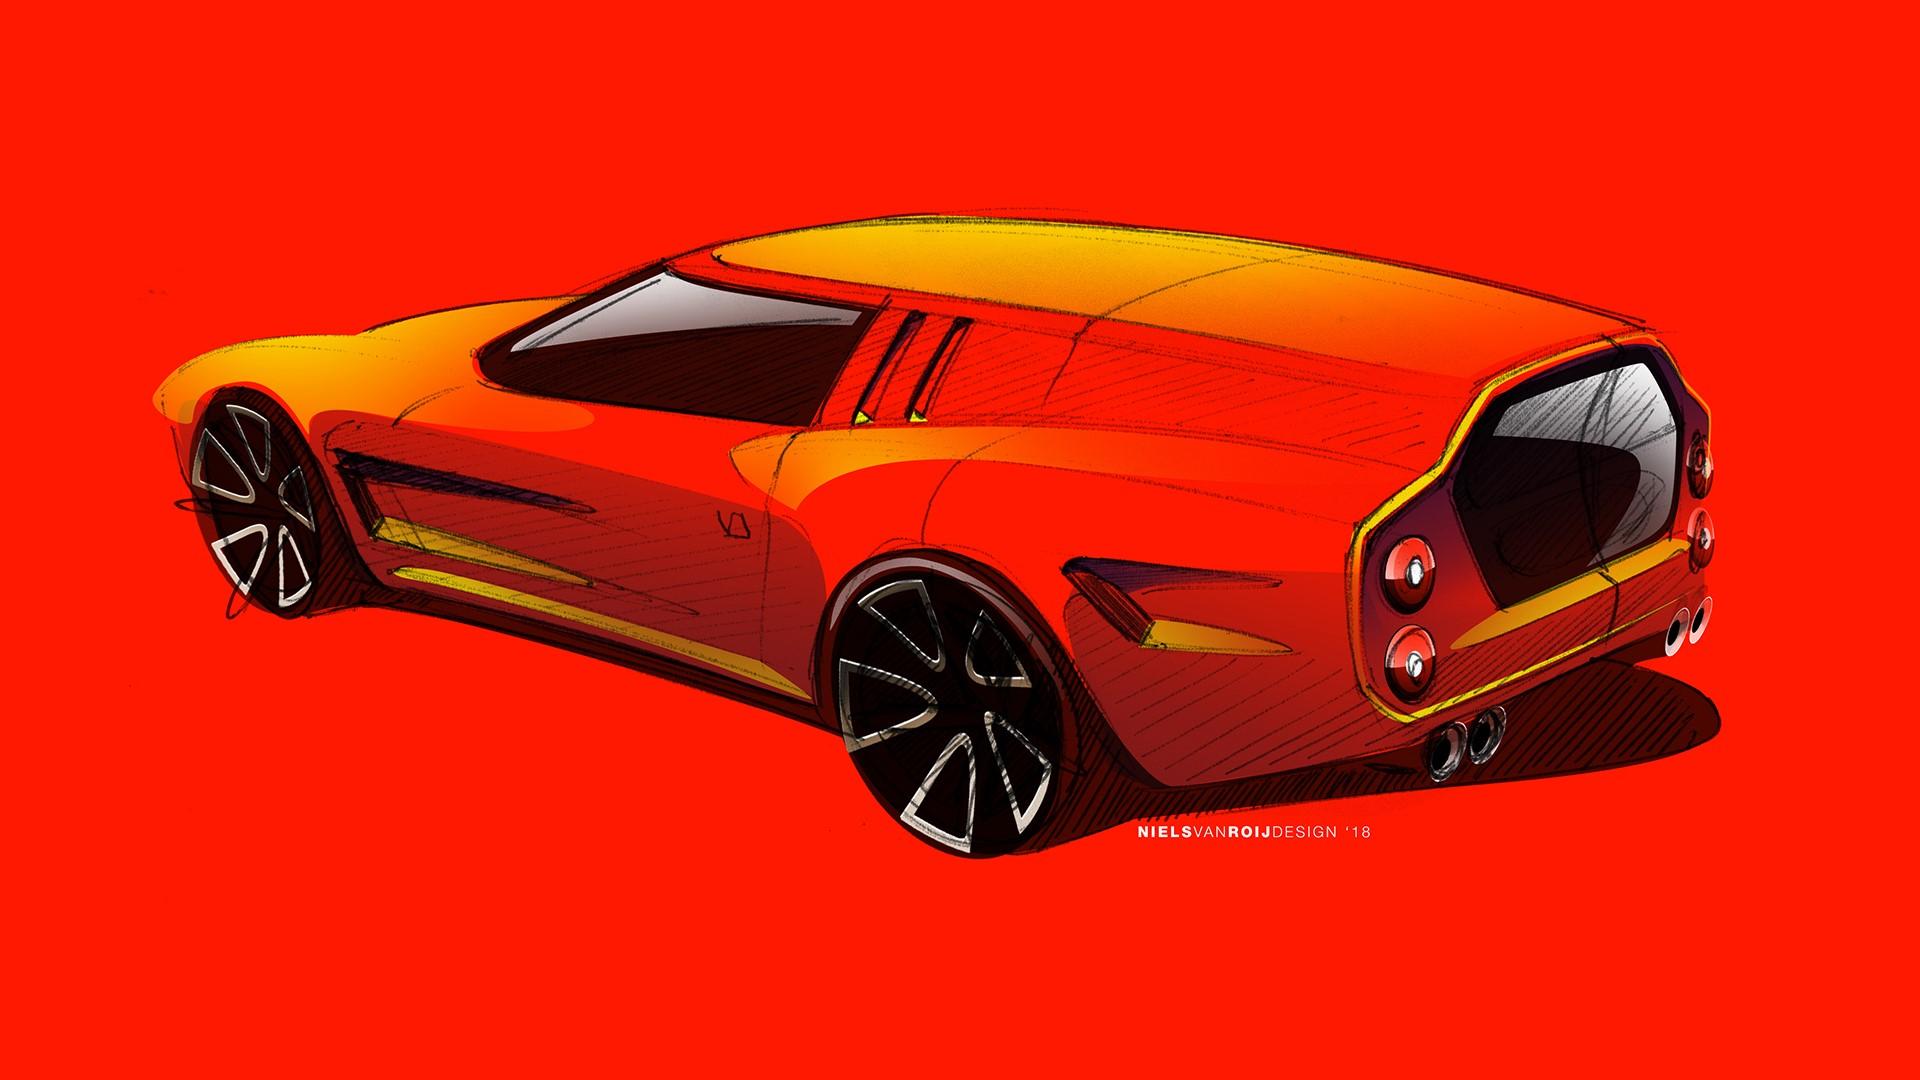 18 12 26 Niels van Roij Design - Breadvan Hommage ideation 011